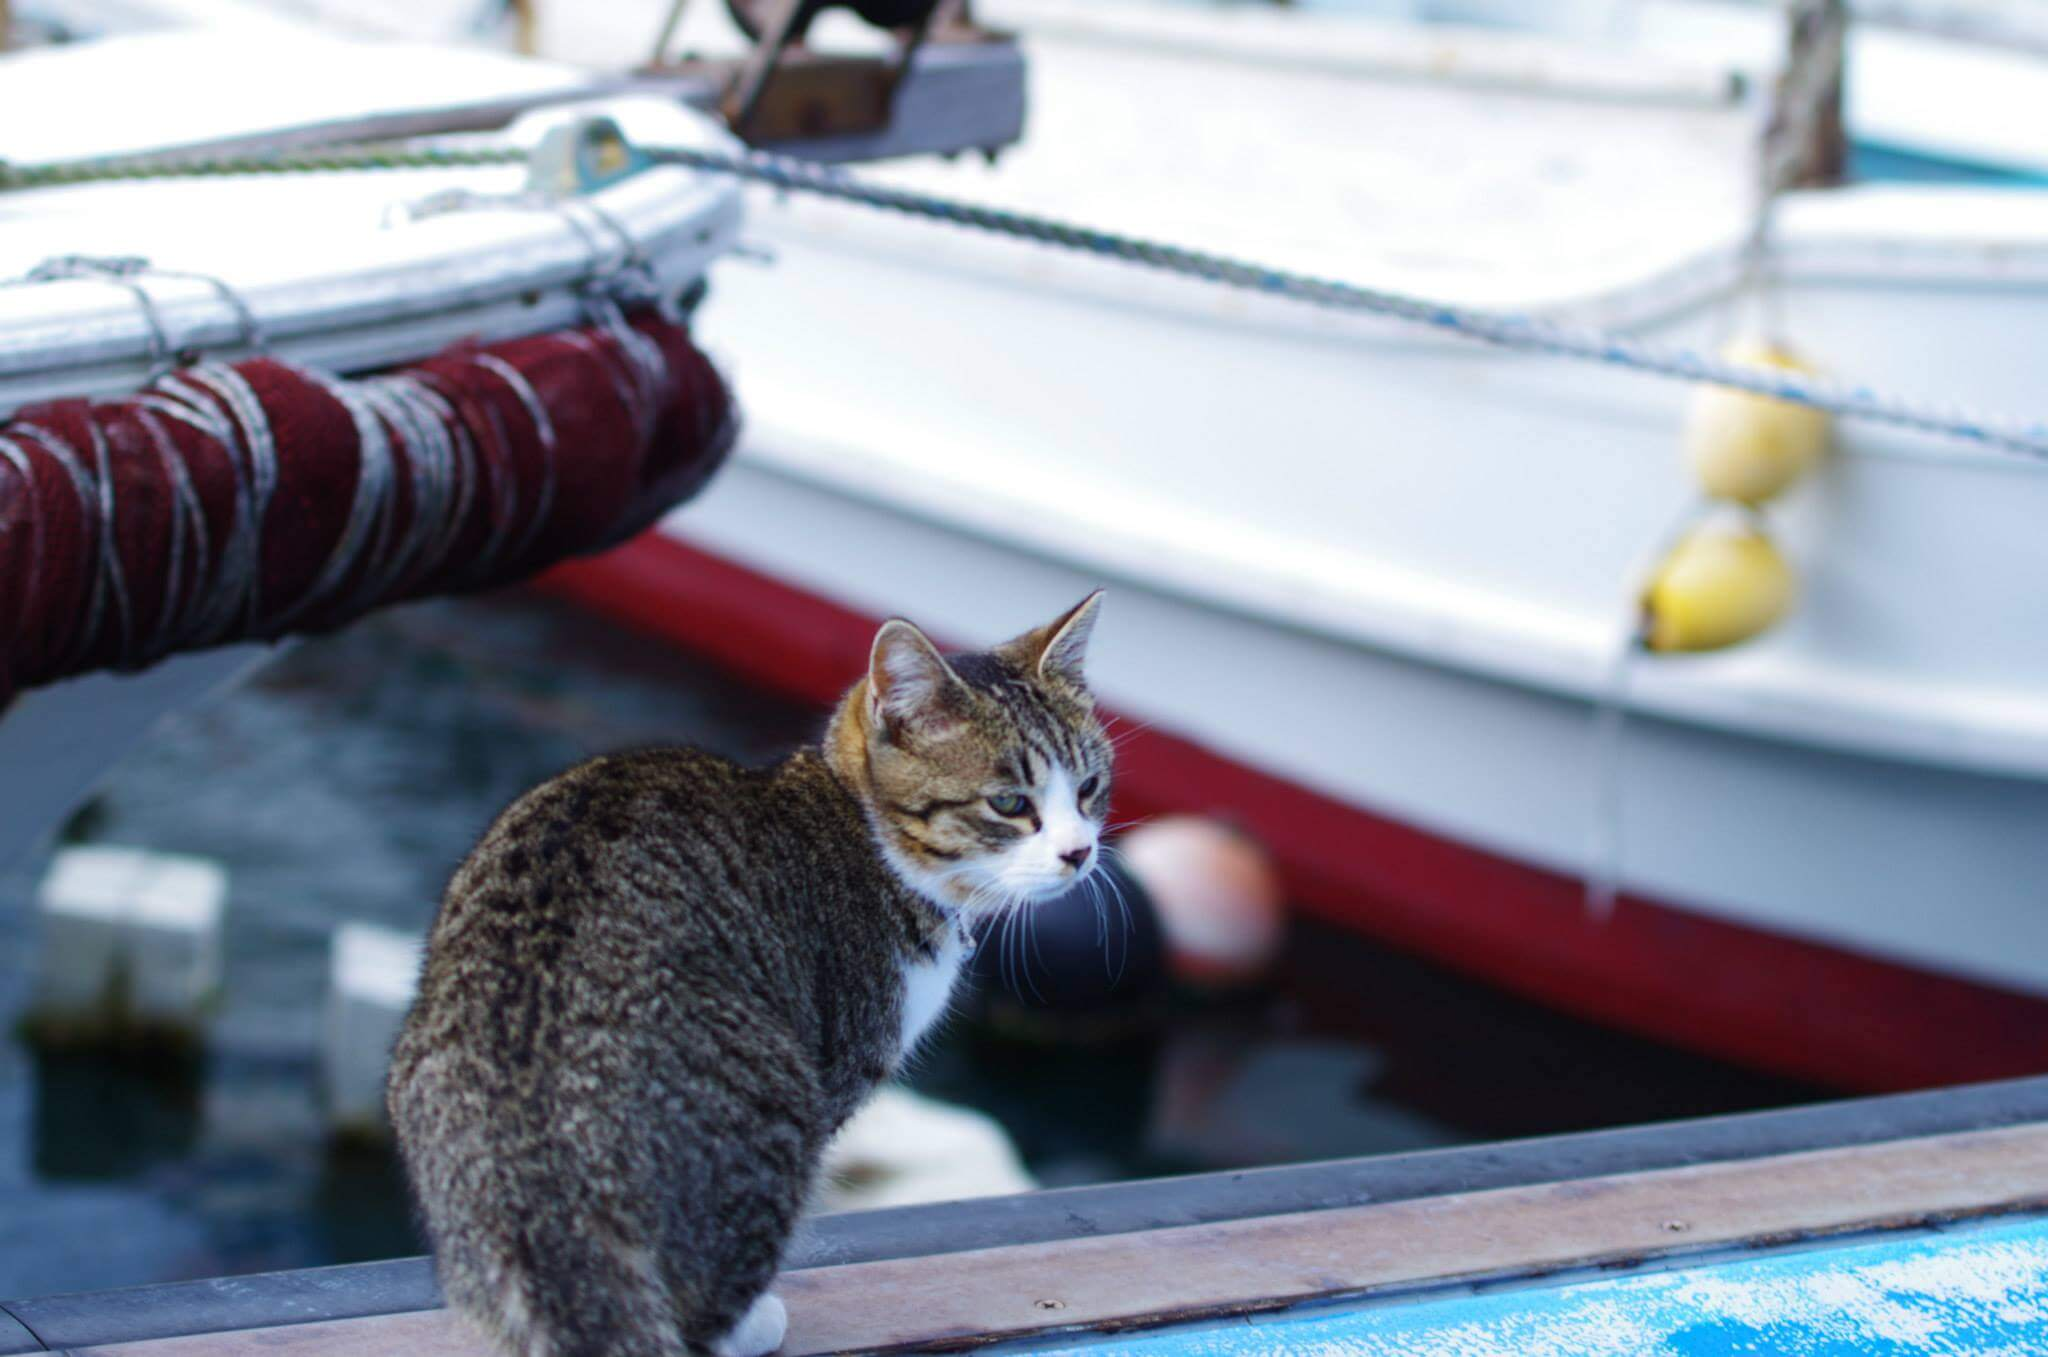 【湯島(ゆしま)】熊本は天草の猫の楽園。釣り人よりも猫が多い島は探検デートにもオススメの絶景スポット。